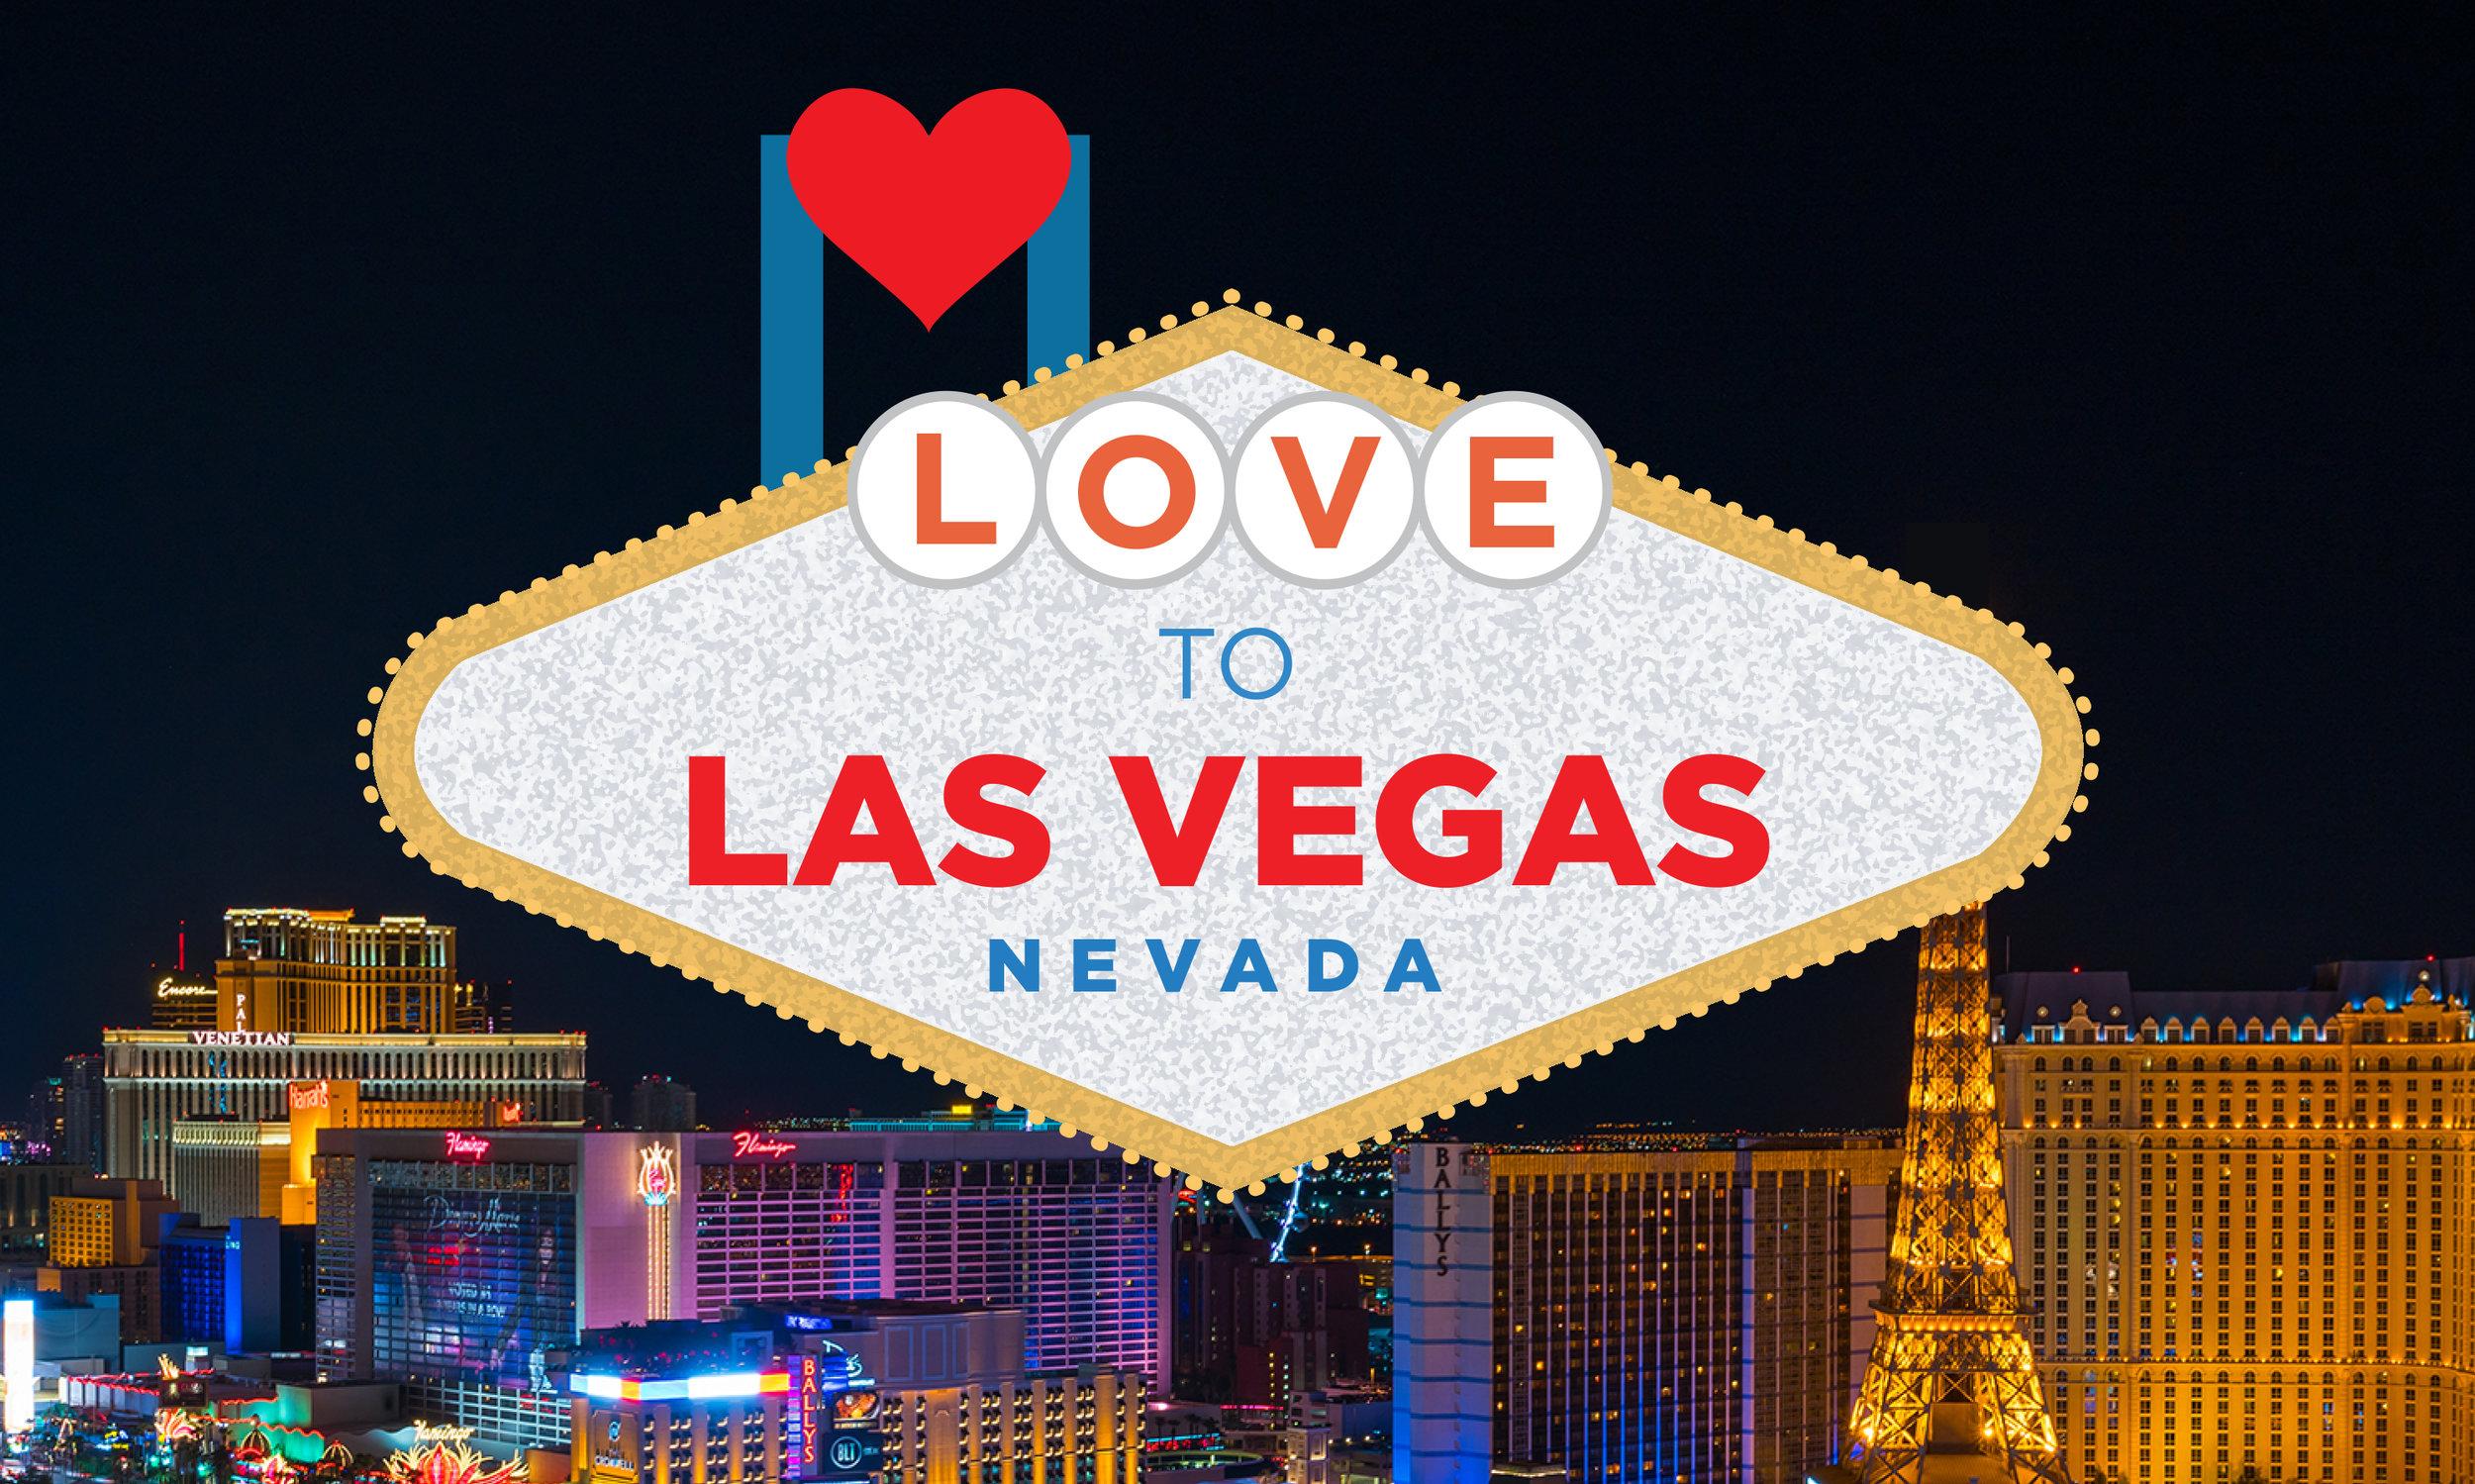 Love to Las Vegas 2.jpg